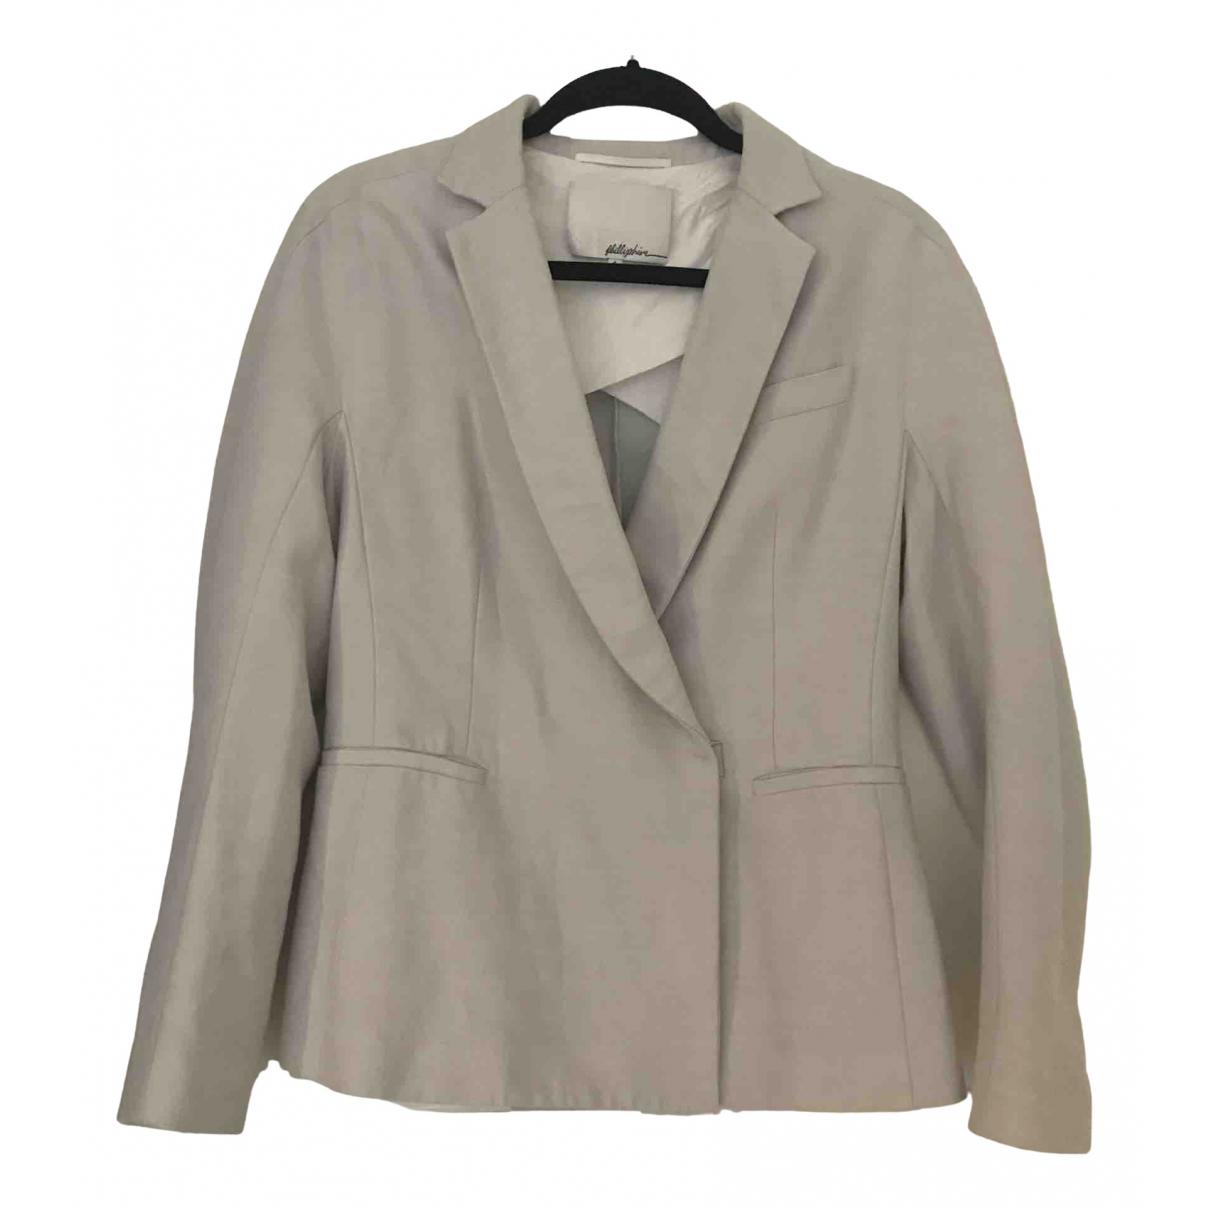 3.1 Phillip Lim - Veste   pour femme en laine - beige